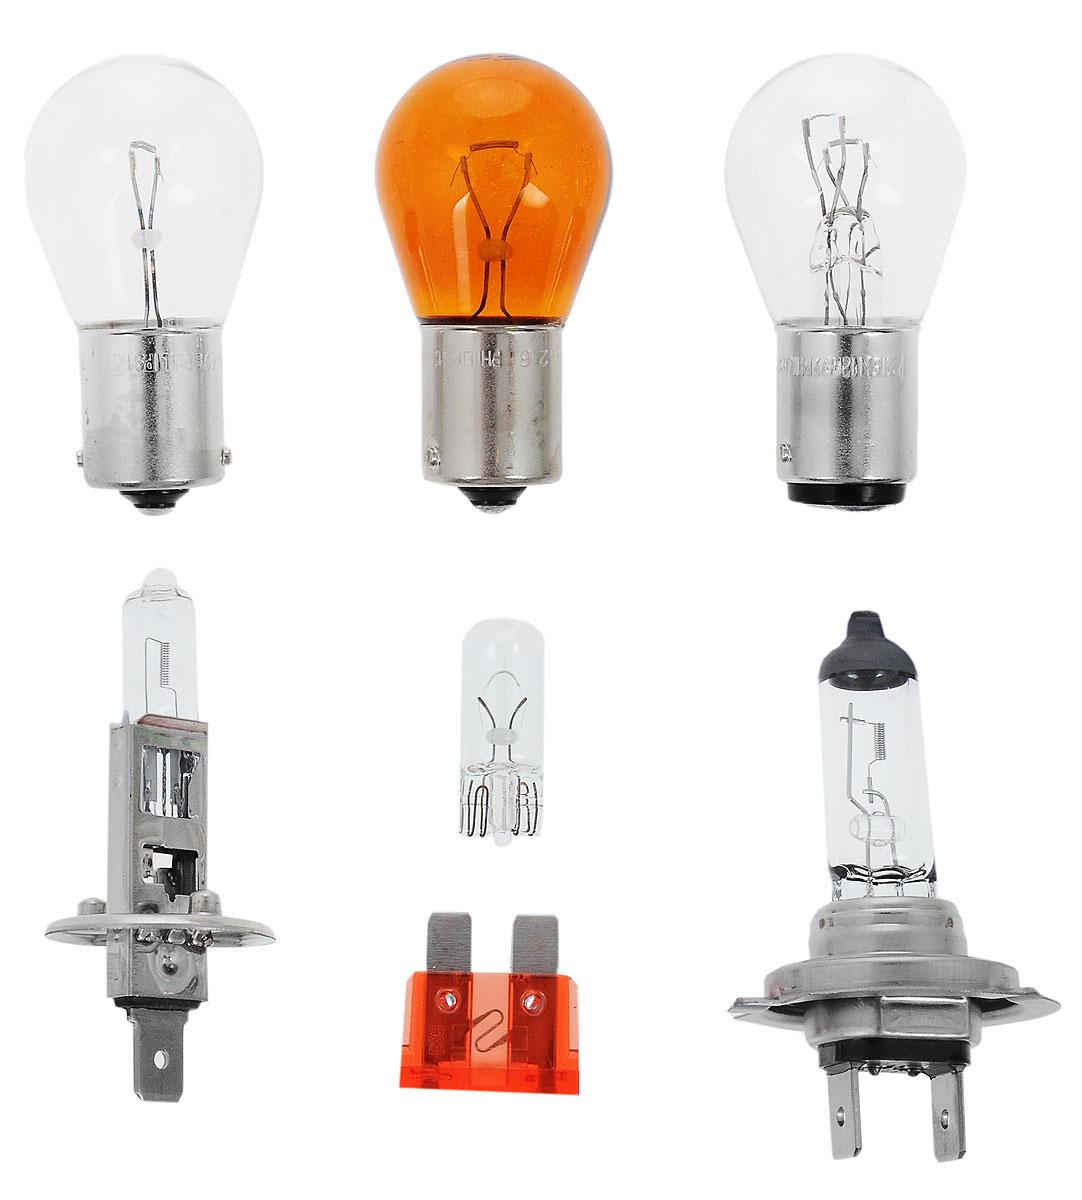 Комплект ламп Philips H1PR, H7PR, P21W, P21/5W, PY21W, W5W, Fuse10A. 55475EKKM55475EKKMВ комплект Easy Kit входят лампы H1 и H7 для автомобильных фар, обеспечивающие на 30 % больше света. Наши лампы излучают мощный точно направленный луч света и характеризуются высокой светоотдачей, увеличивая видимость Вашего автомобиля на дороге.